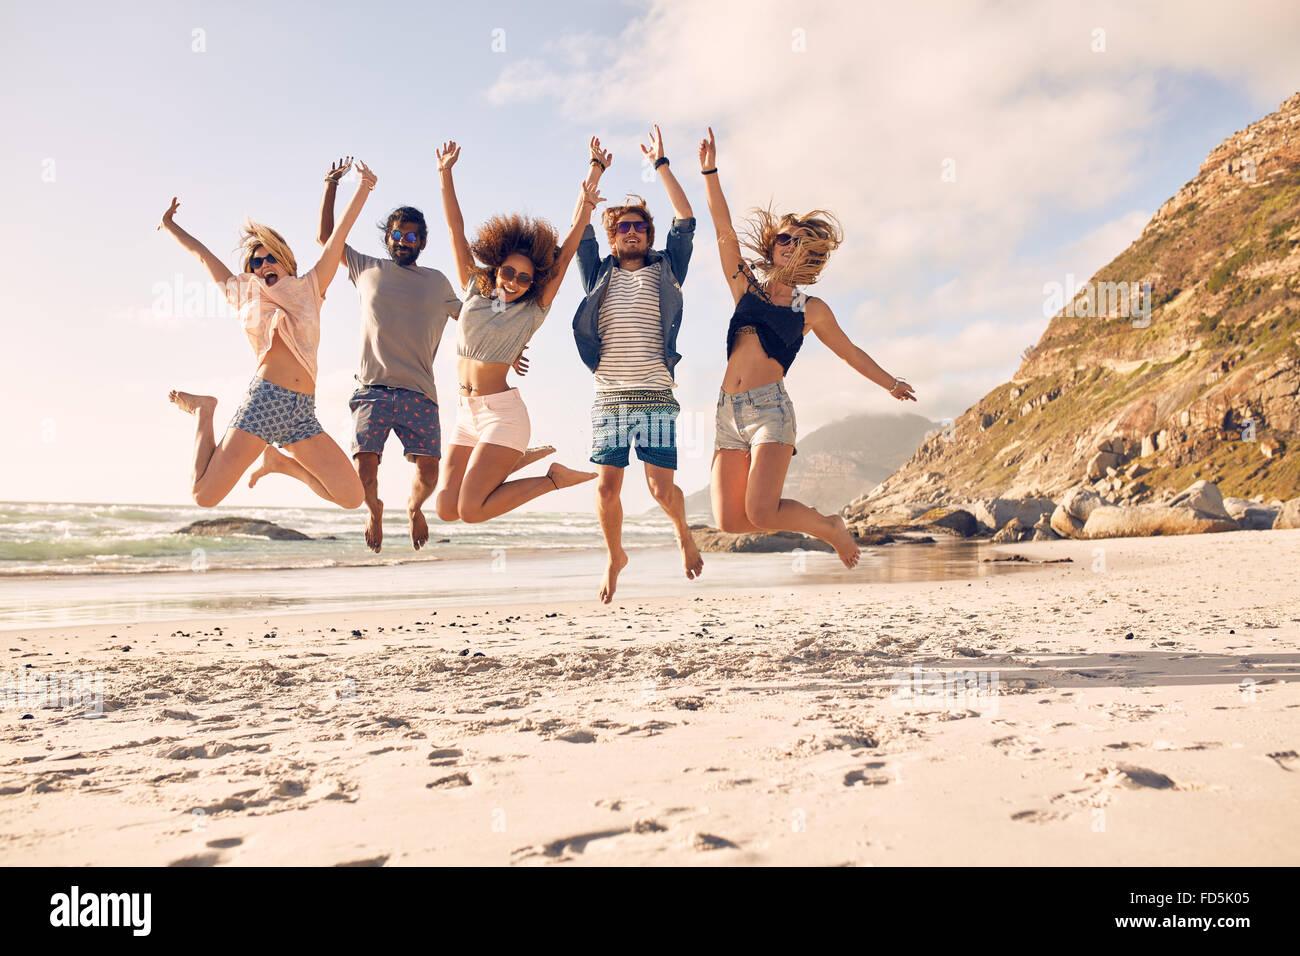 Groupe d'amis ensemble sur la plage s'amusant. Heureux les jeunes de sauter sur la plage. Groupe d'amis Photo Stock